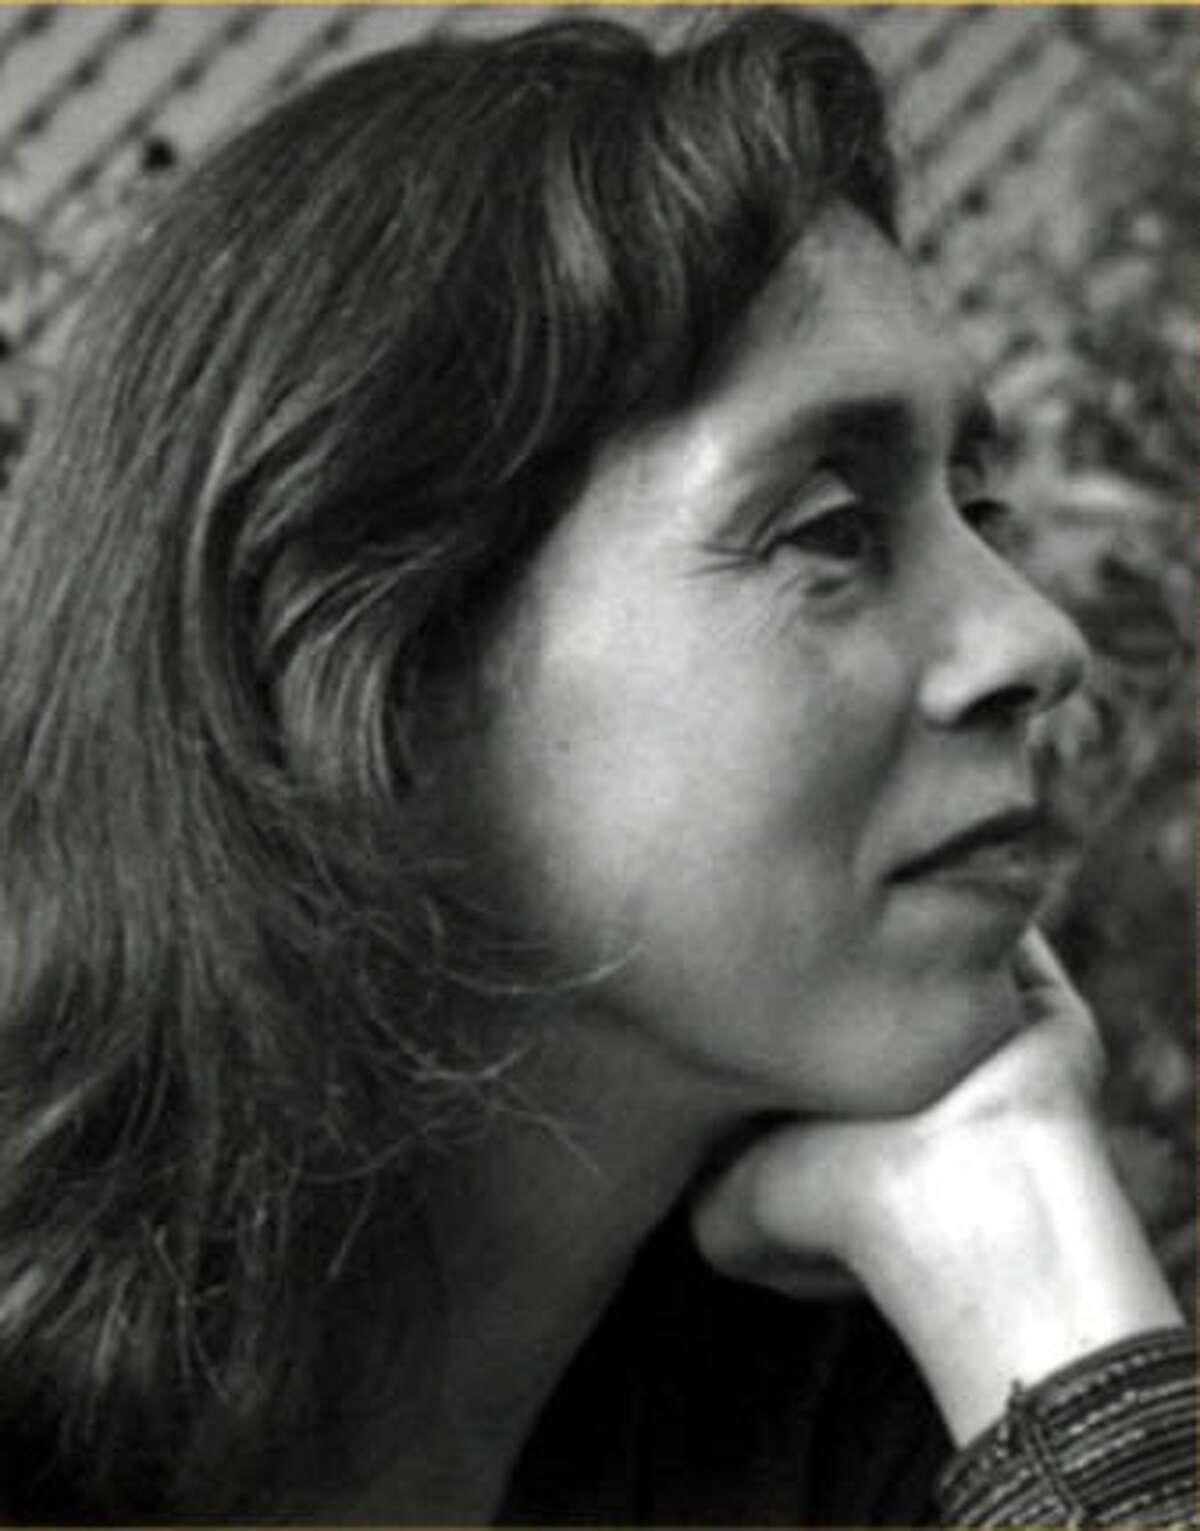 Melissa Holbrook Pierson. Photo by Jenna Knudsen Brantmeyer